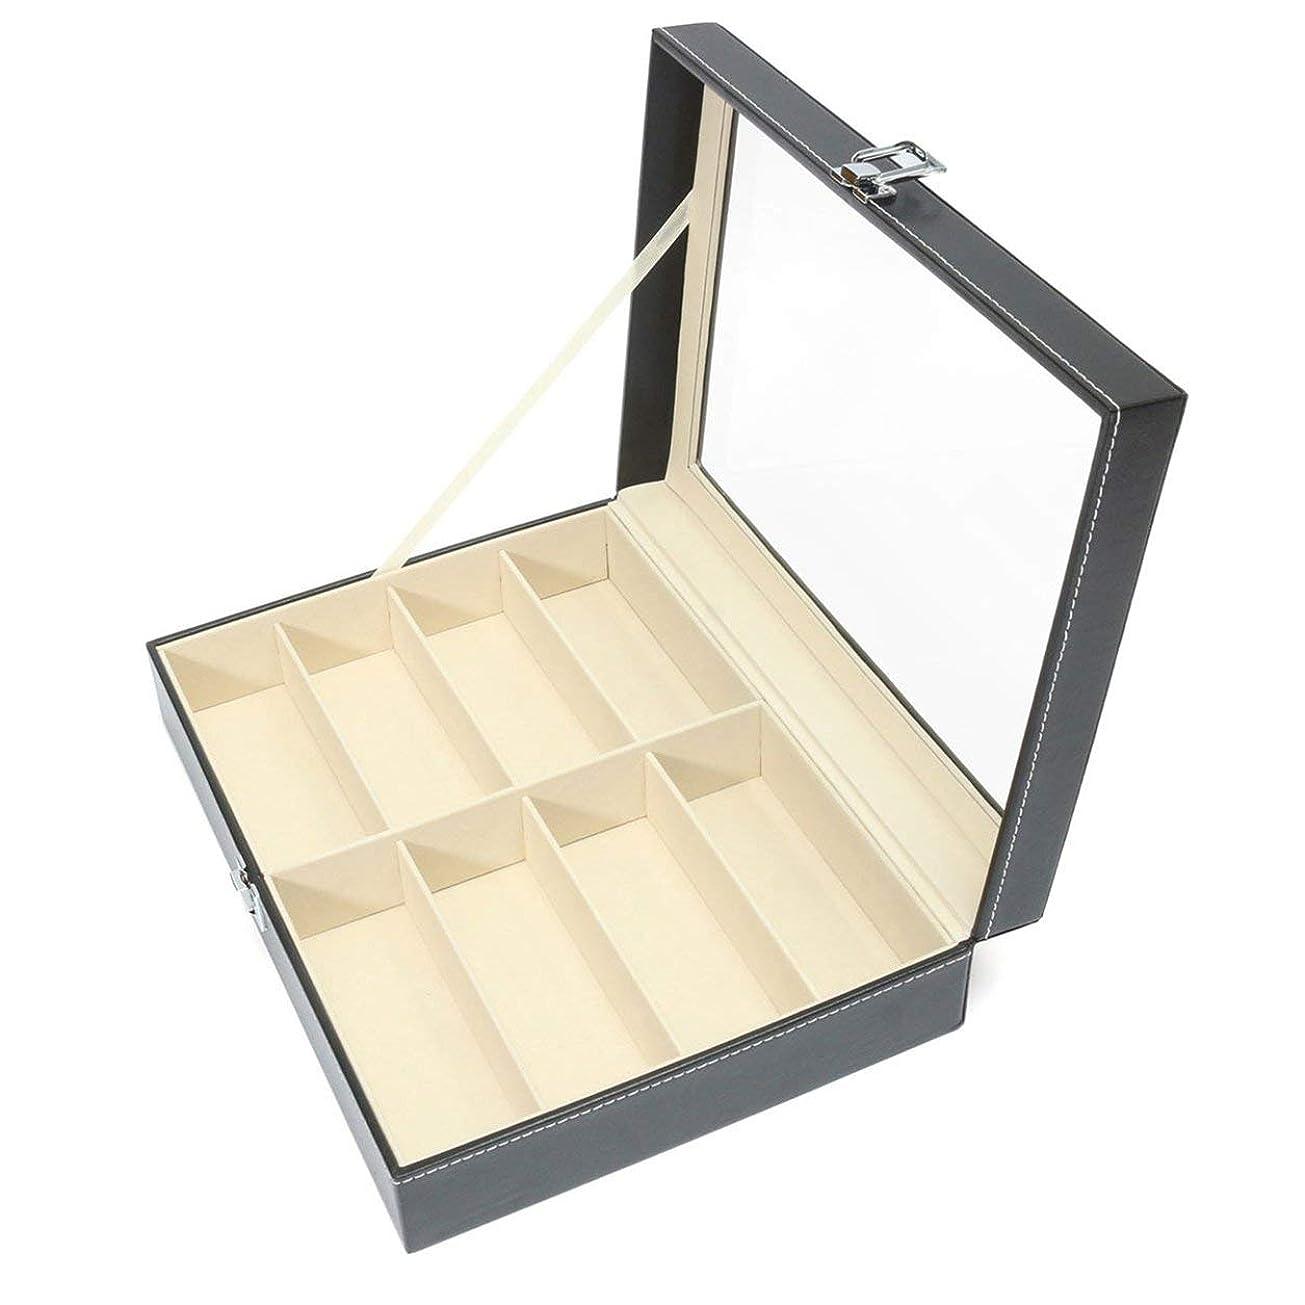 単なるベアリングアクセルSaikogoods 実用的なデザイン8グリッドサングラスの収納ケース高級PUレザーメンズ?レディース?サングラスショップ表示ボックスケース 黒